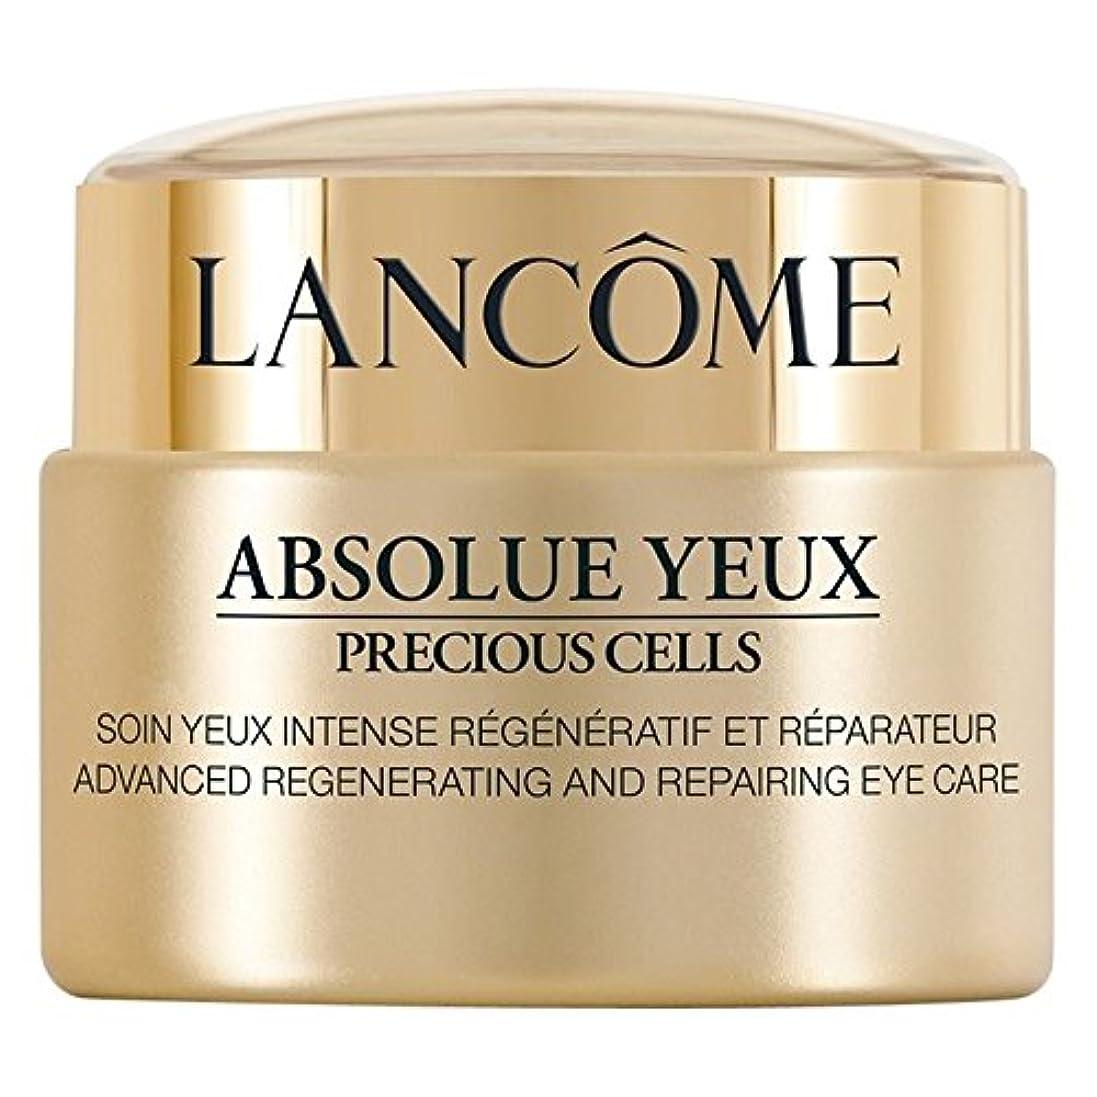 集中むしゃむしゃ初期の[Lanc?me] ランコムアブソリュのYeux貴重なセルアイクリーム20ミリリットル - Lanc?me Absolue Yeux Precious Cells Eye Cream 20ml [並行輸入品]